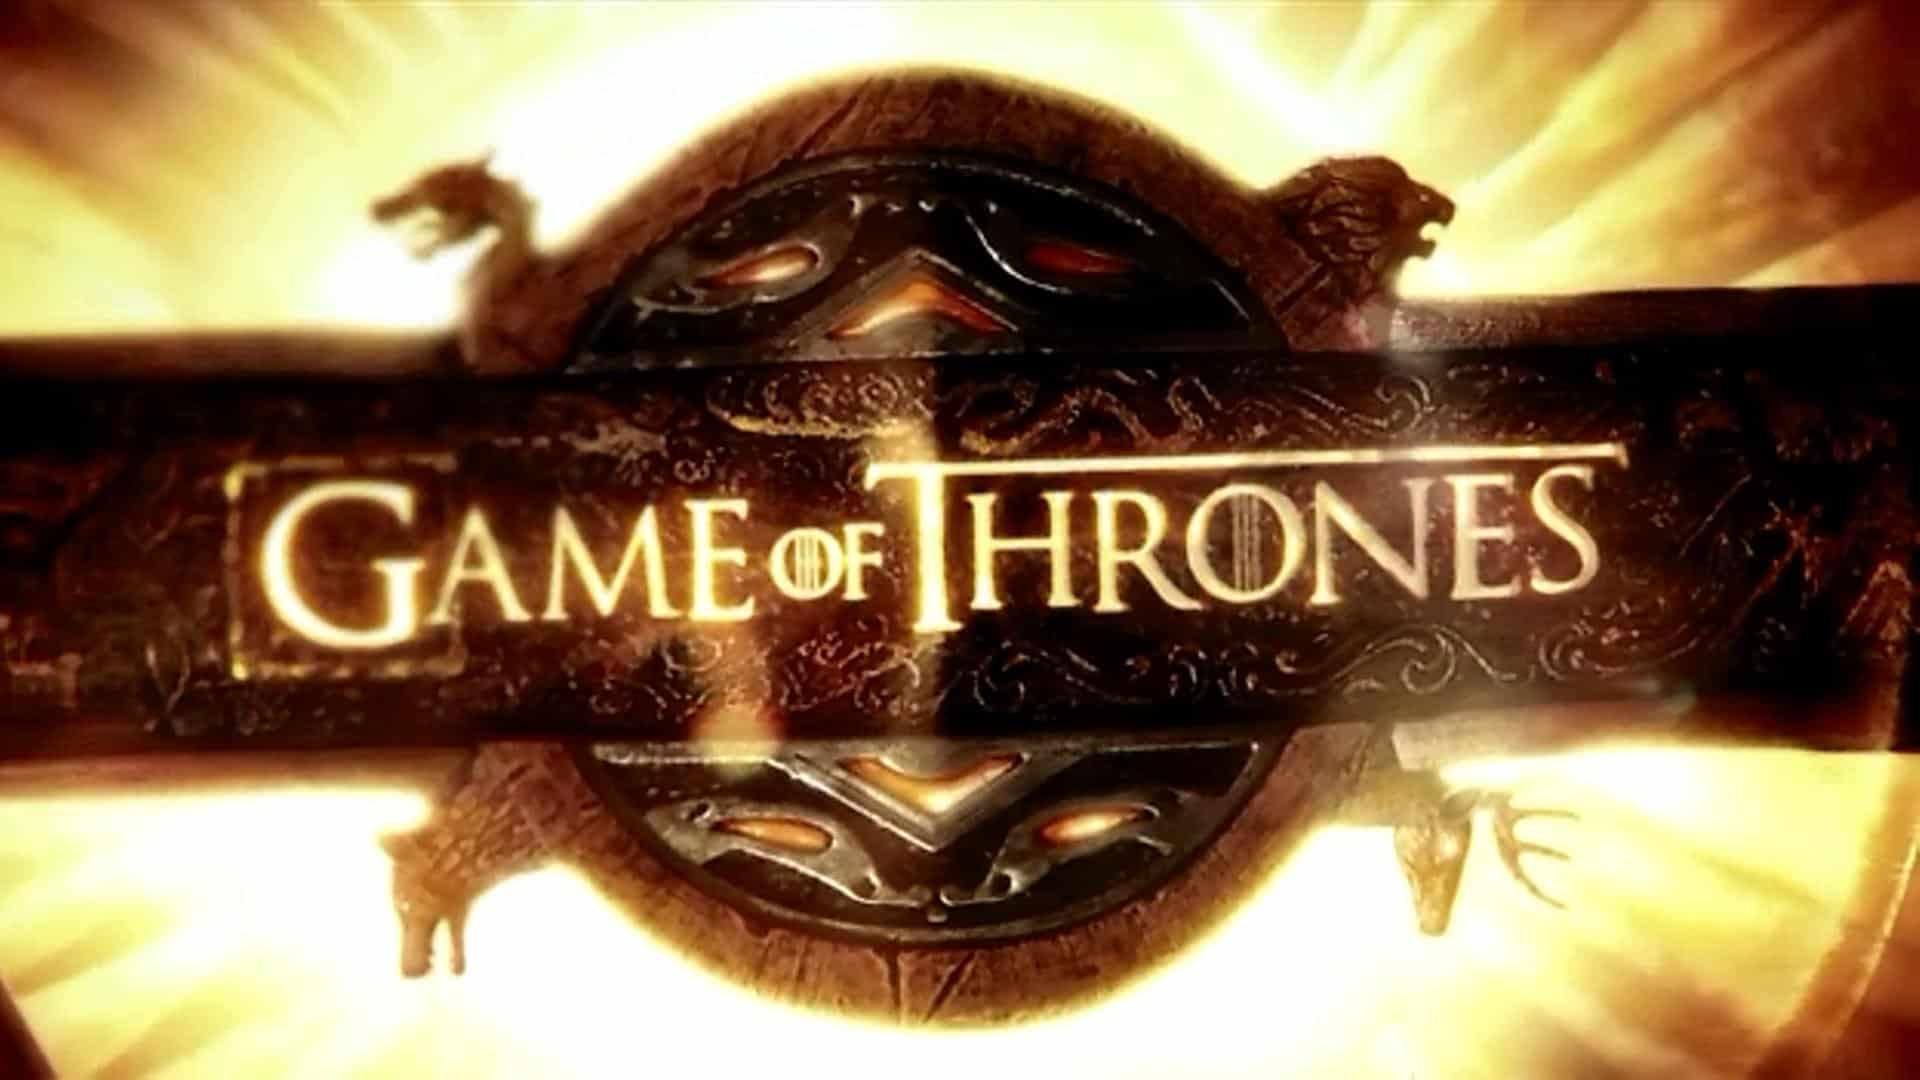 Wedden op Game of Thrones bij Unibet mag dit eigenlijk wel?